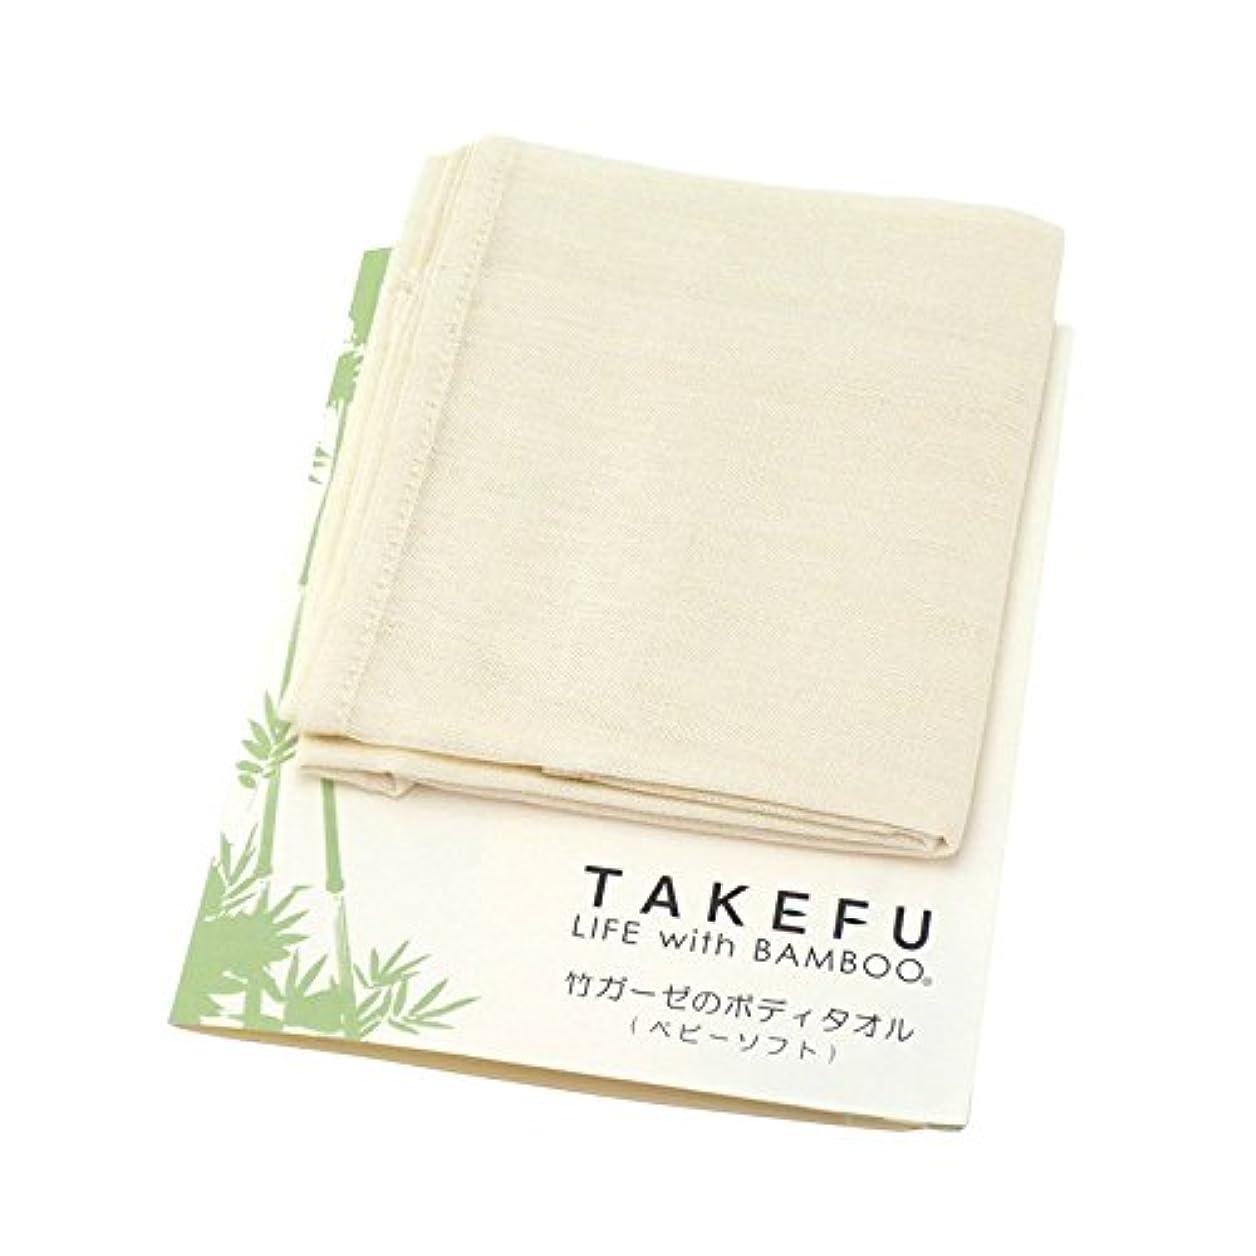 耐えられないスクラッチ手術TAKEFU 竹のボディタオル (ベビーソフト) ナチュラル 35×86cm (竹布 ボディタオル)